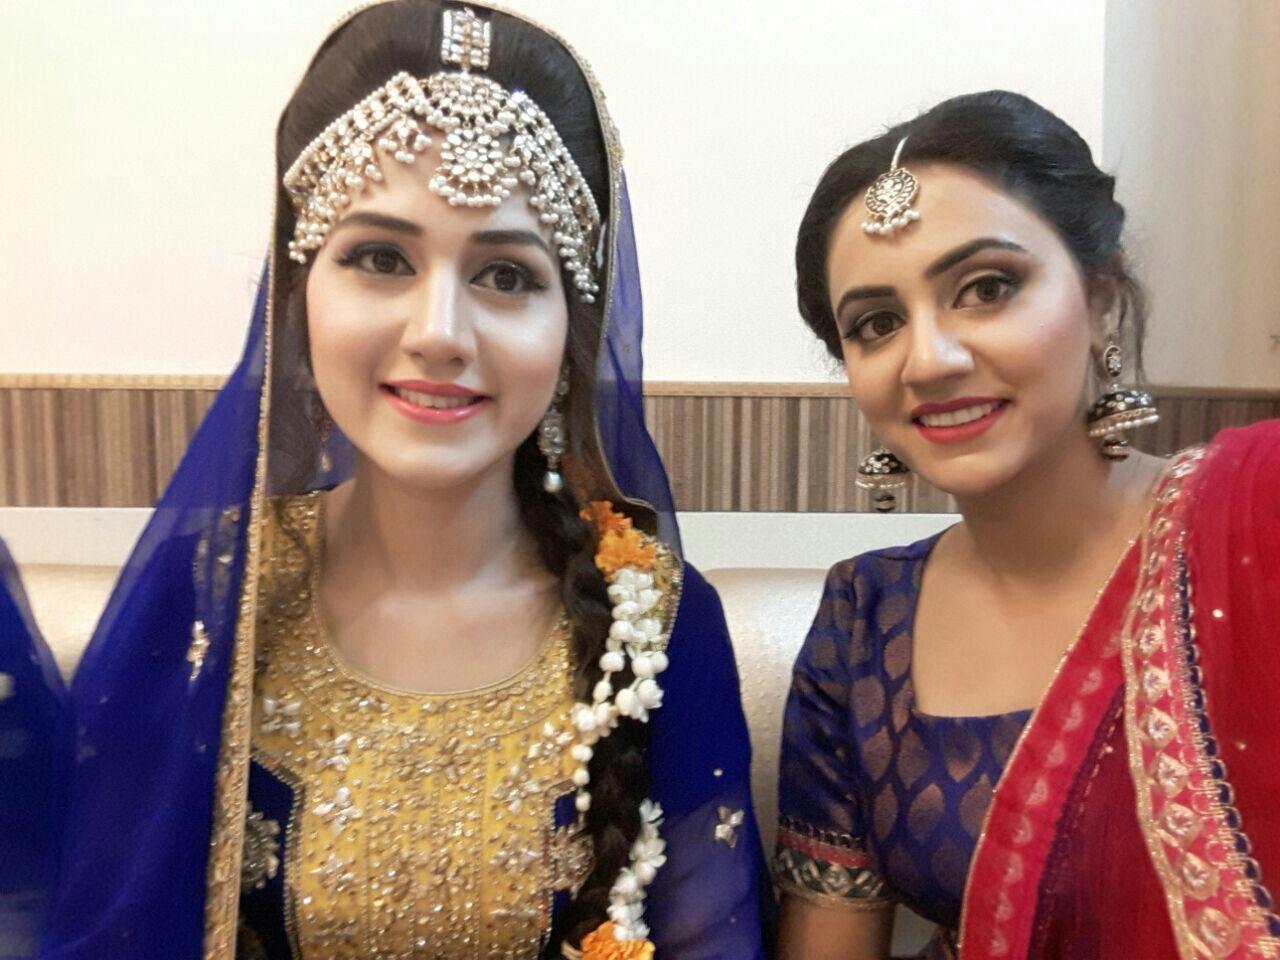 Mehndi Bridal With Matha Patti : Ssssssooooooooo cute love mehndi pakistani and makeup